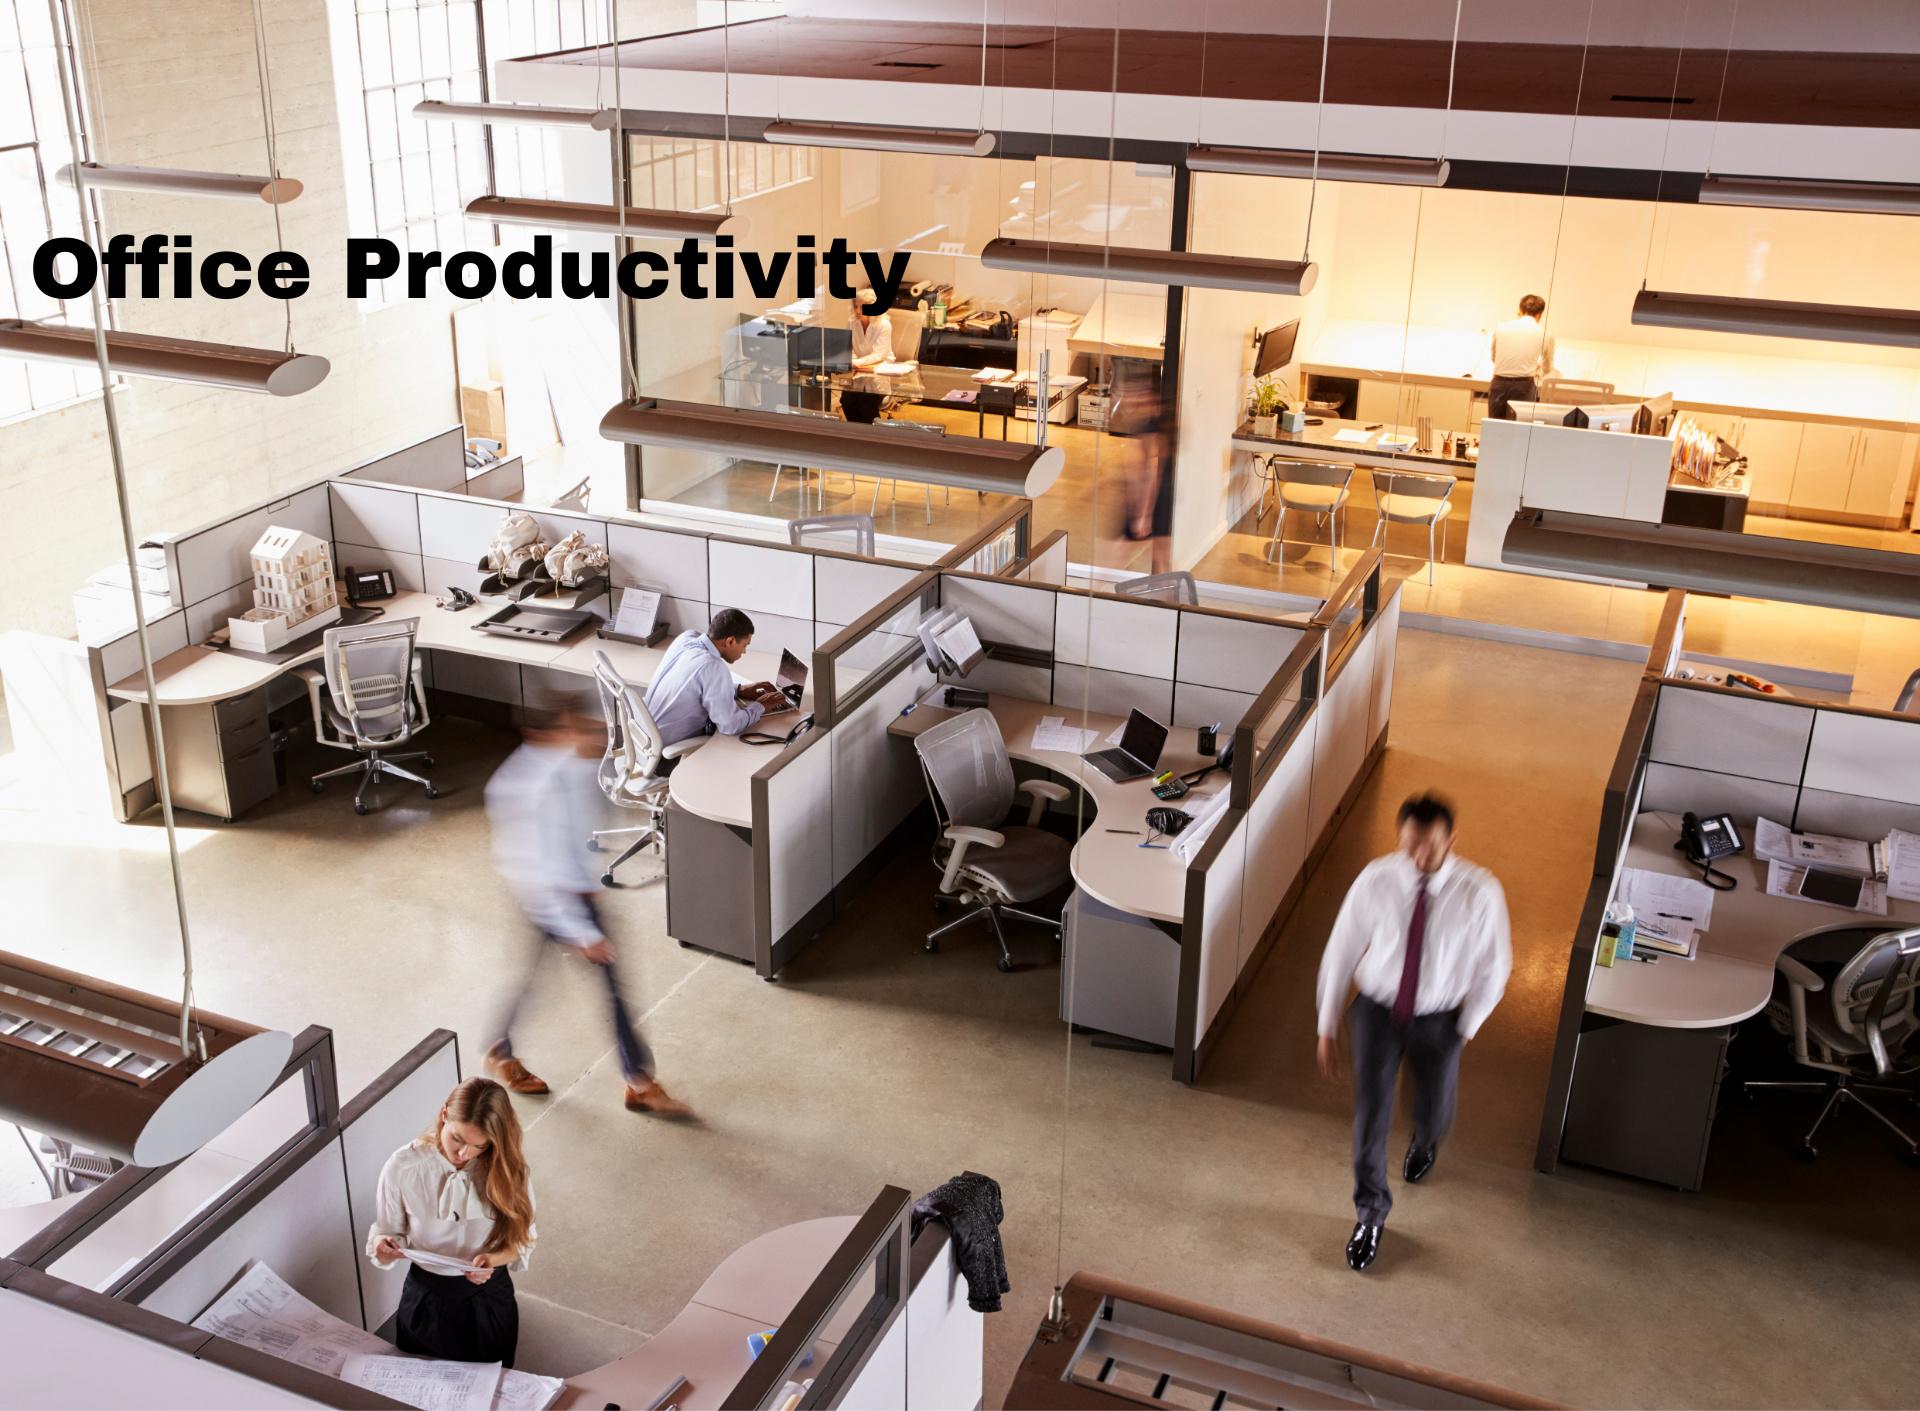 https://0201.nccdn.net/1_2/000/000/0e4/24f/Office-Productivity2-1920x1411.jpg